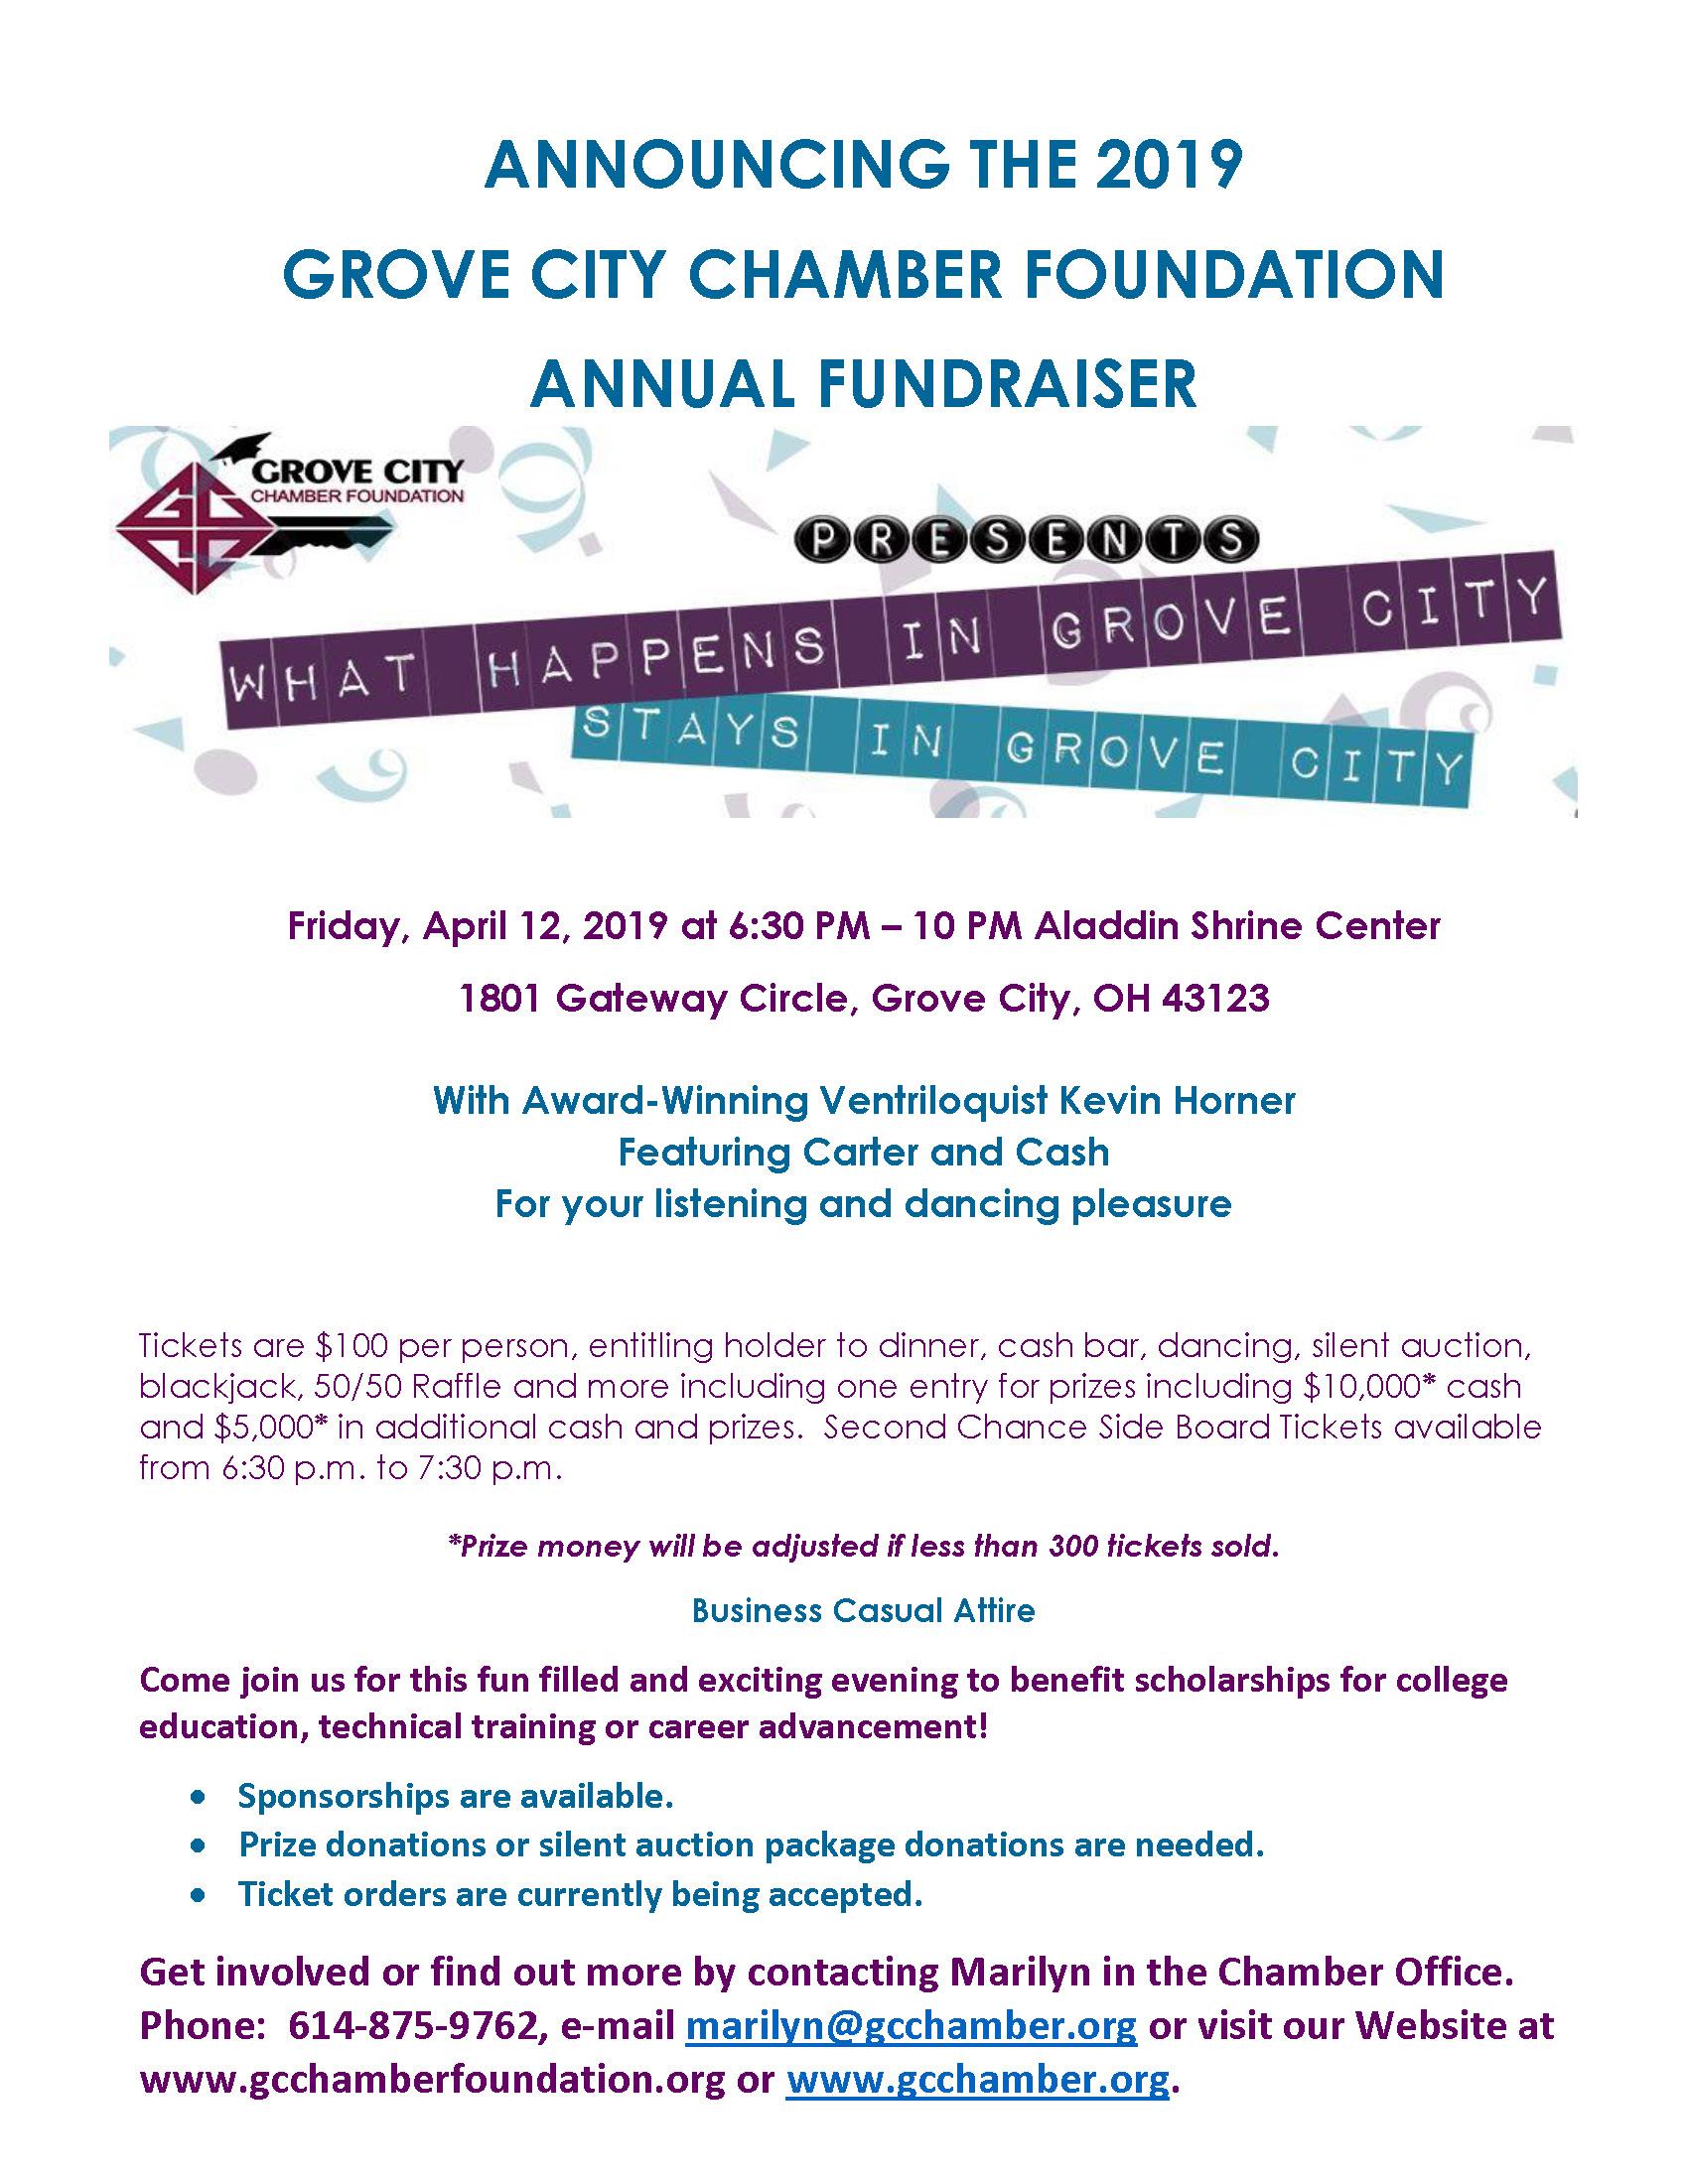 2019 Foundation Fundraiser Flyer